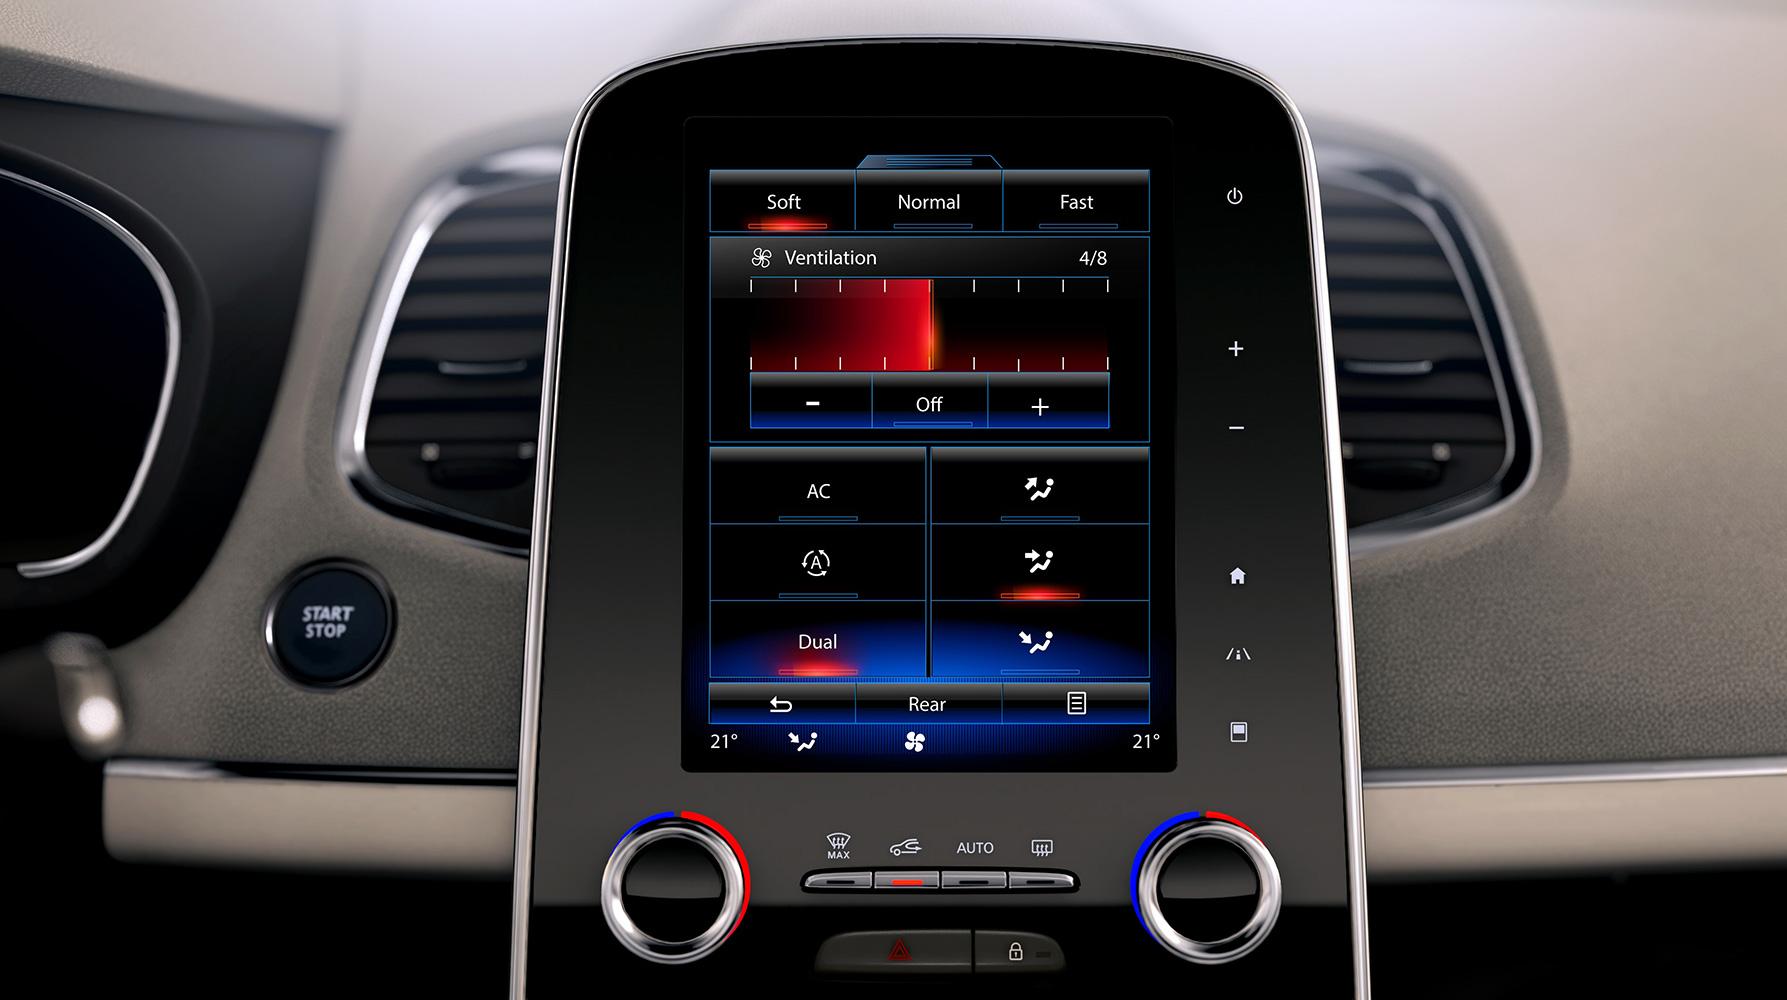 Elektronisch geregelde airconditioning met 3 klimaatzones (2 vóór en 1 achter) en luchtkwaliteitsens